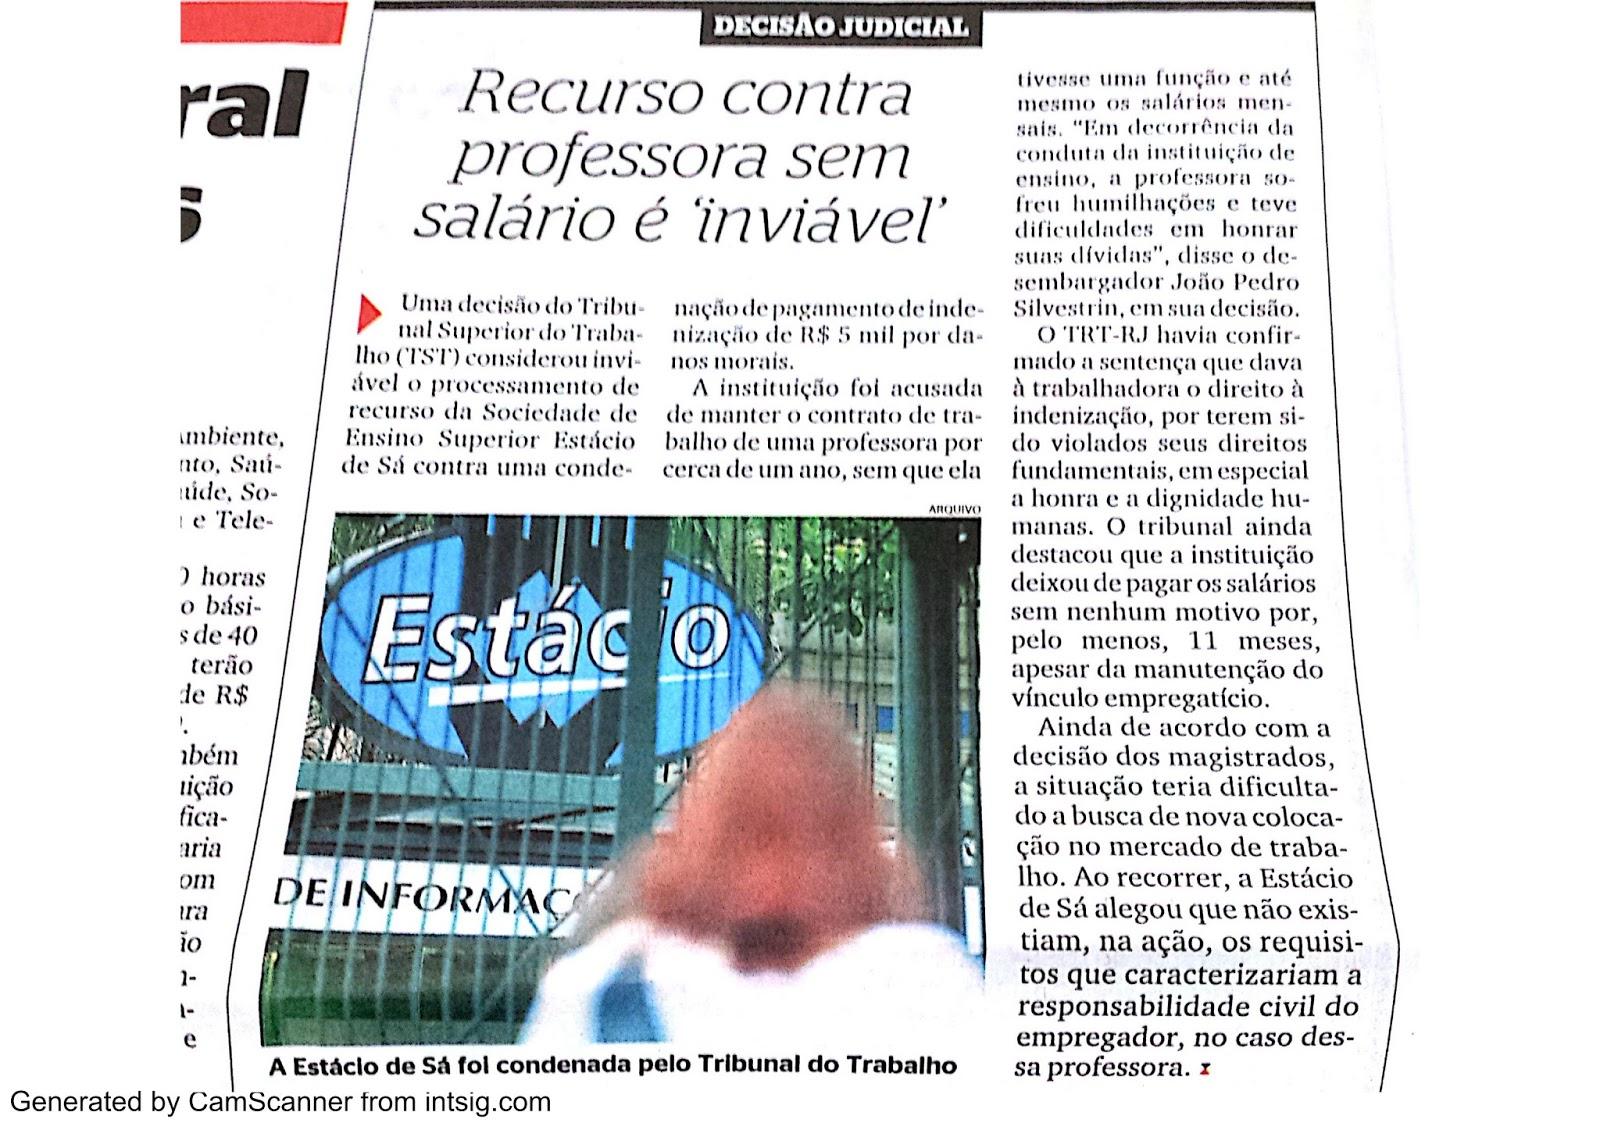 Saiu no jornal Extra: Vitória da AJS